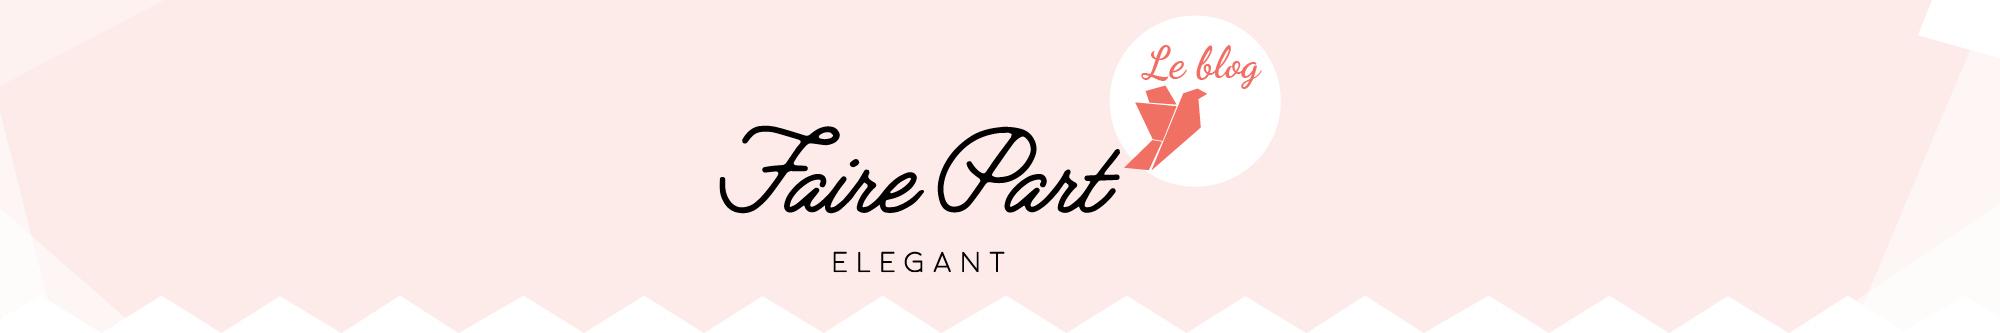 Le blog de Faire-part Elégant